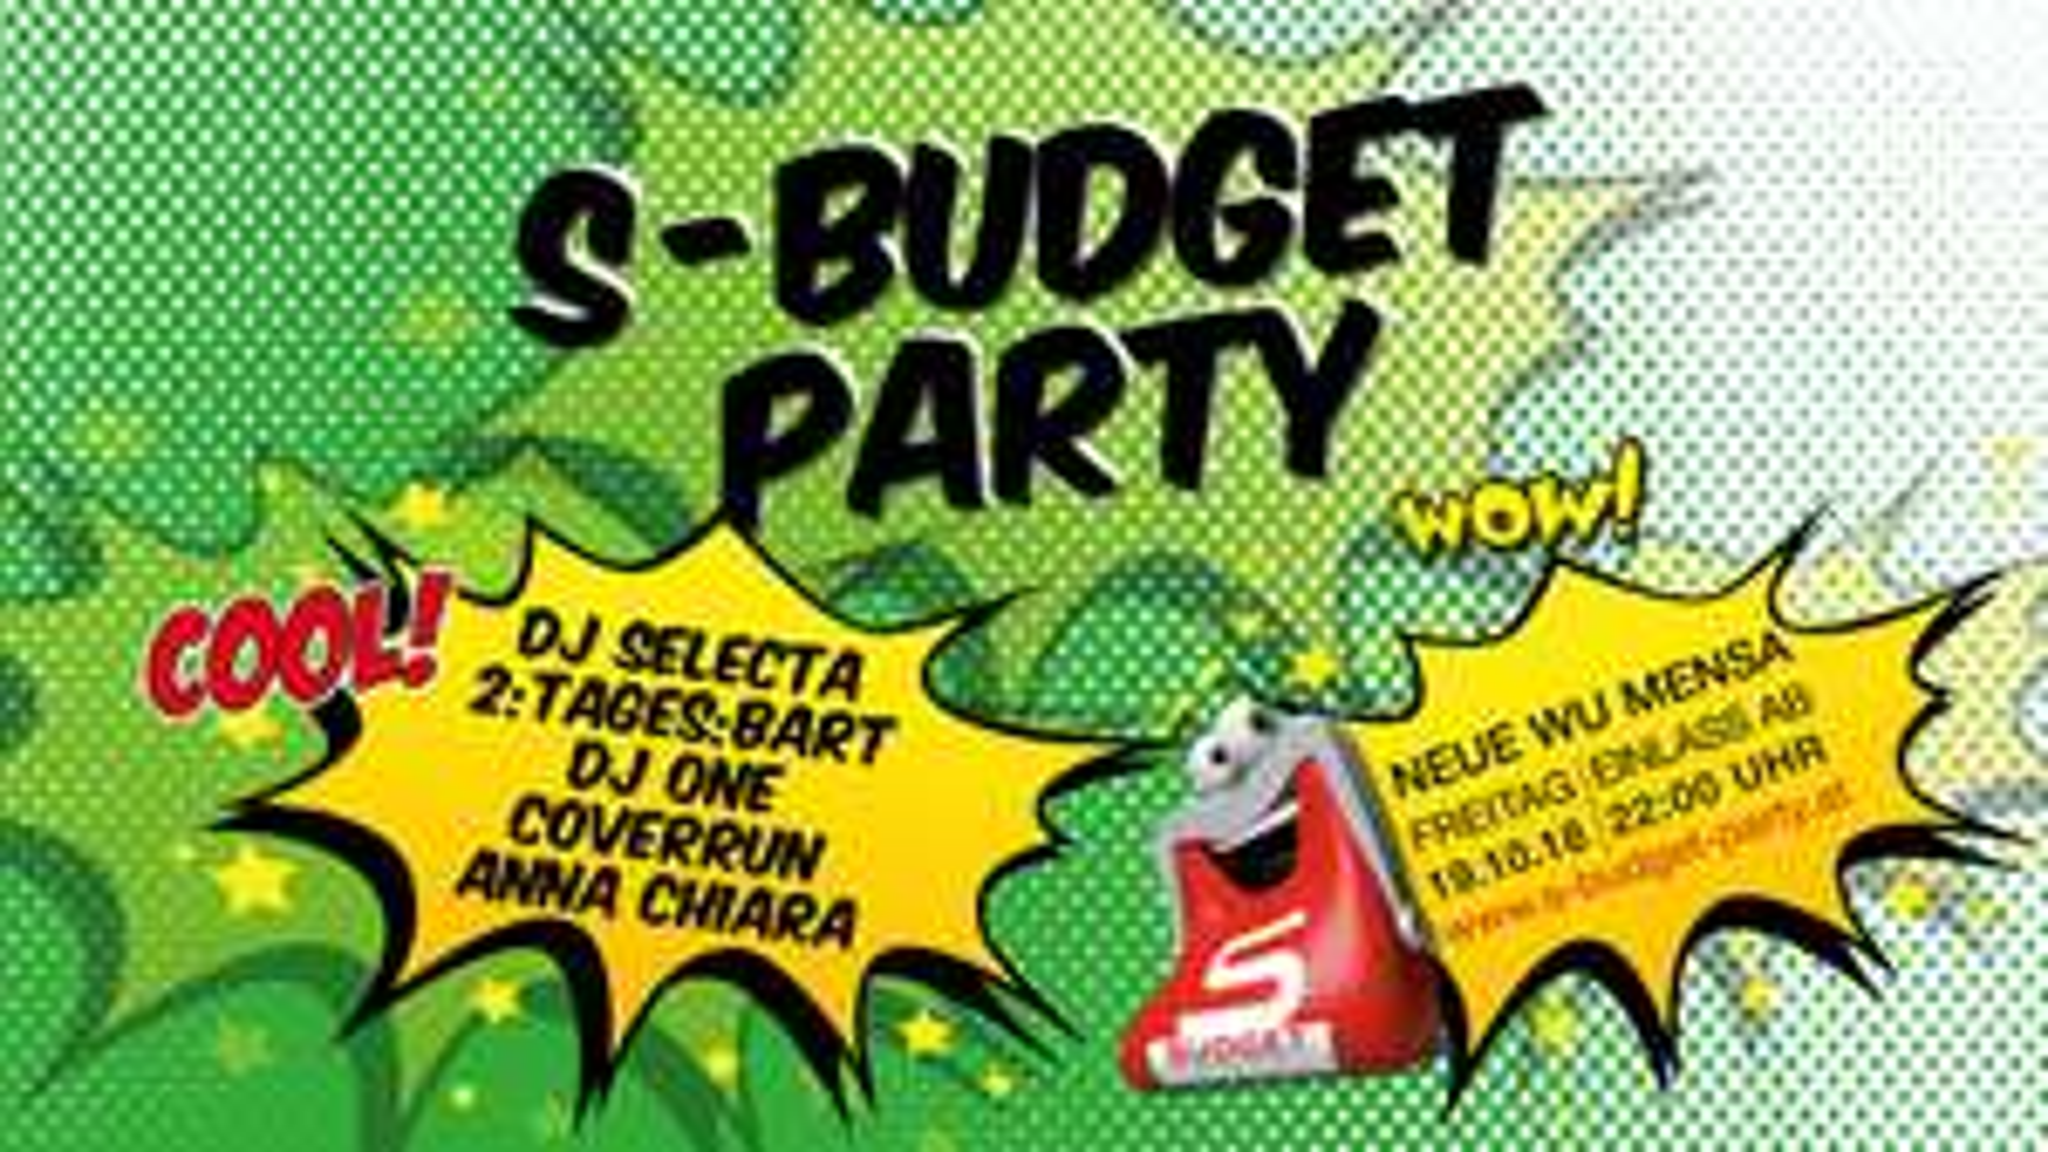 19.10.2018 freier Eintritt, gratis Getränke: S-Budget Party Wien Welthandelsplatz